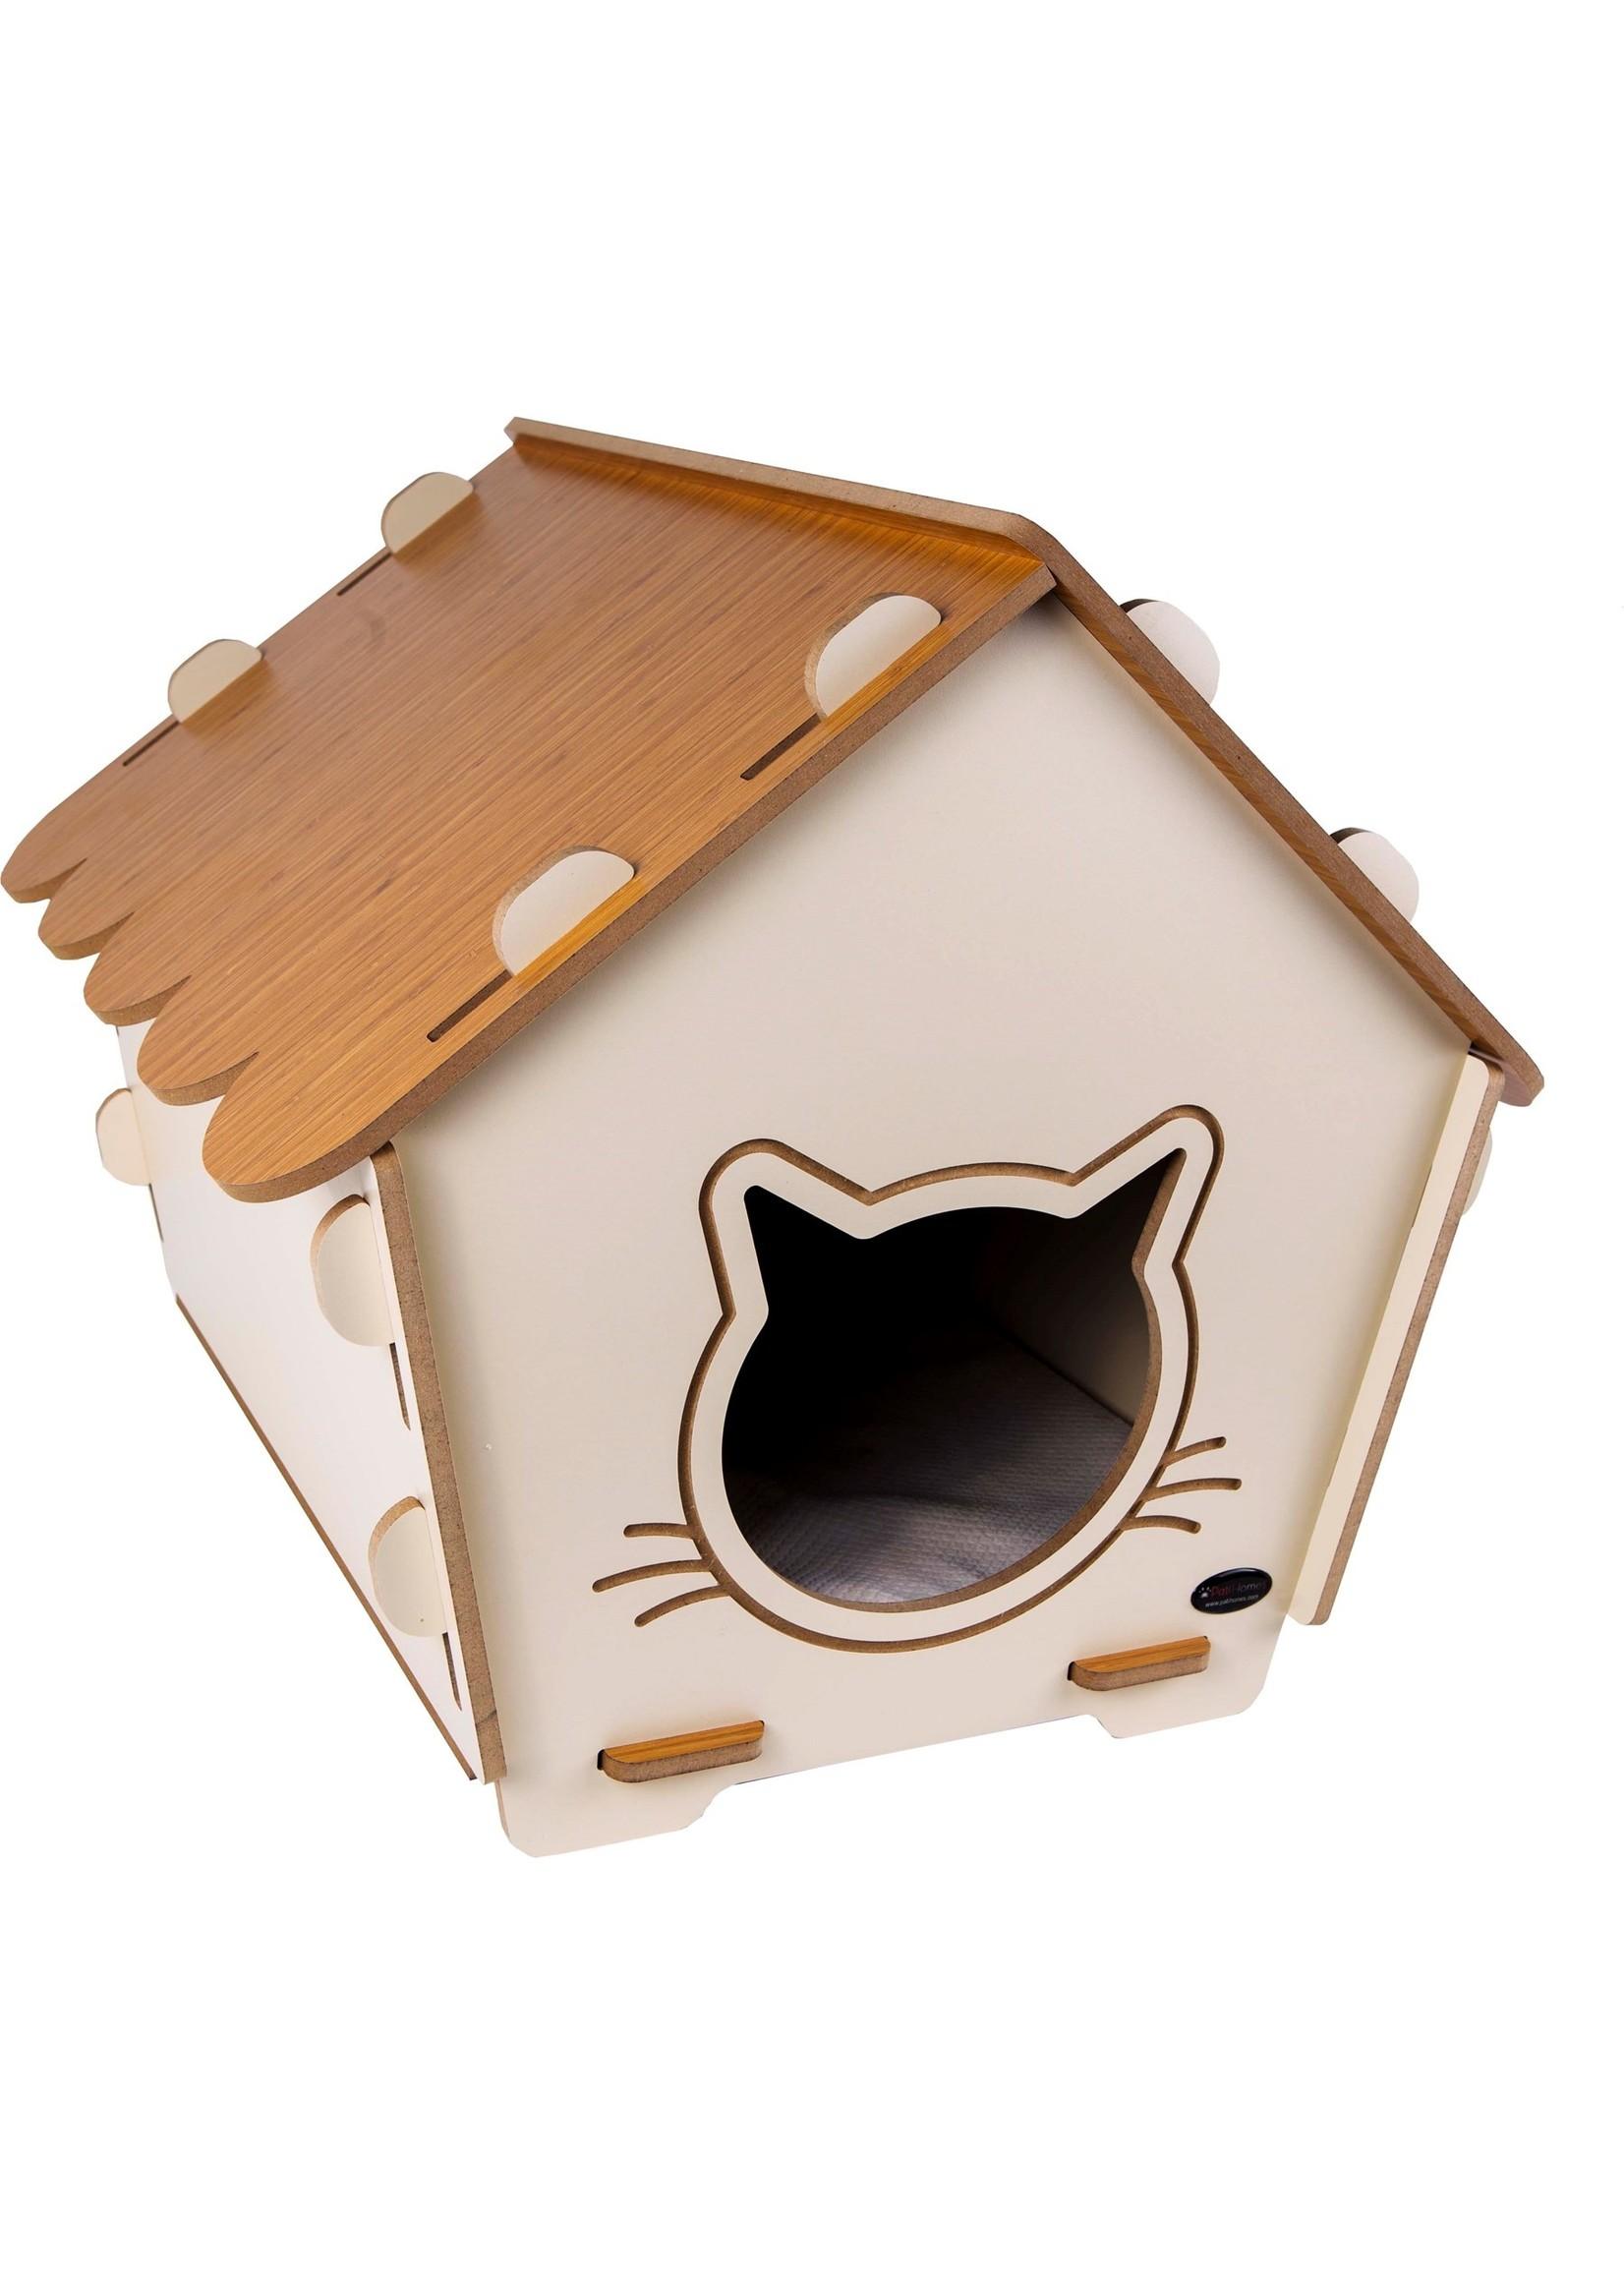 Pati Homes Kattenhuis Basis Beige